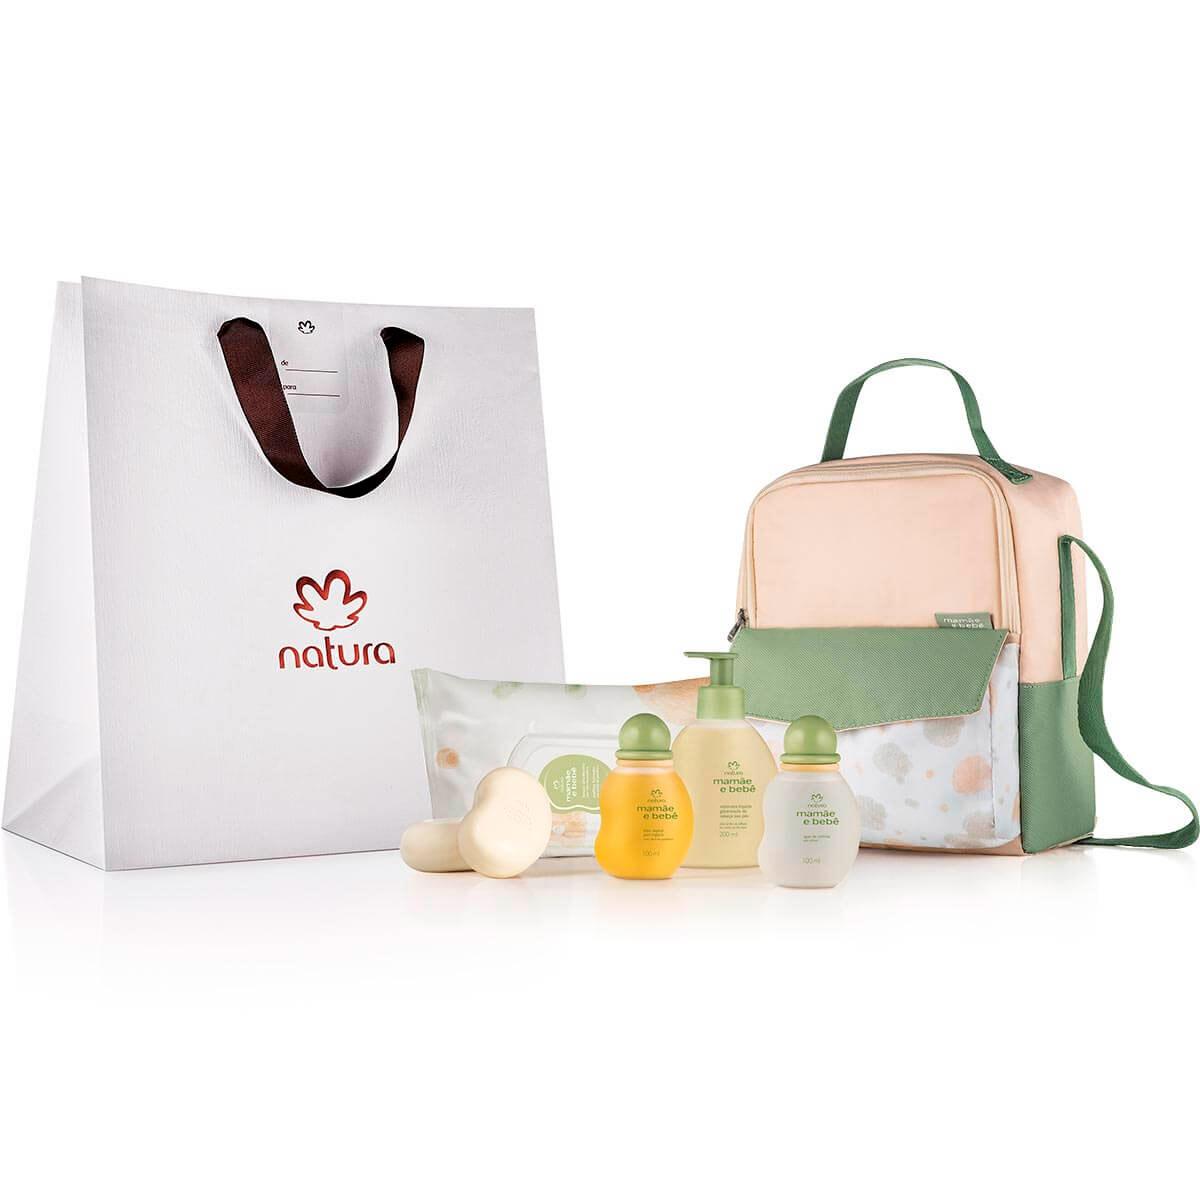 Presente Natura Mamãe e Bebê com Bolsa Multiuso - 85368